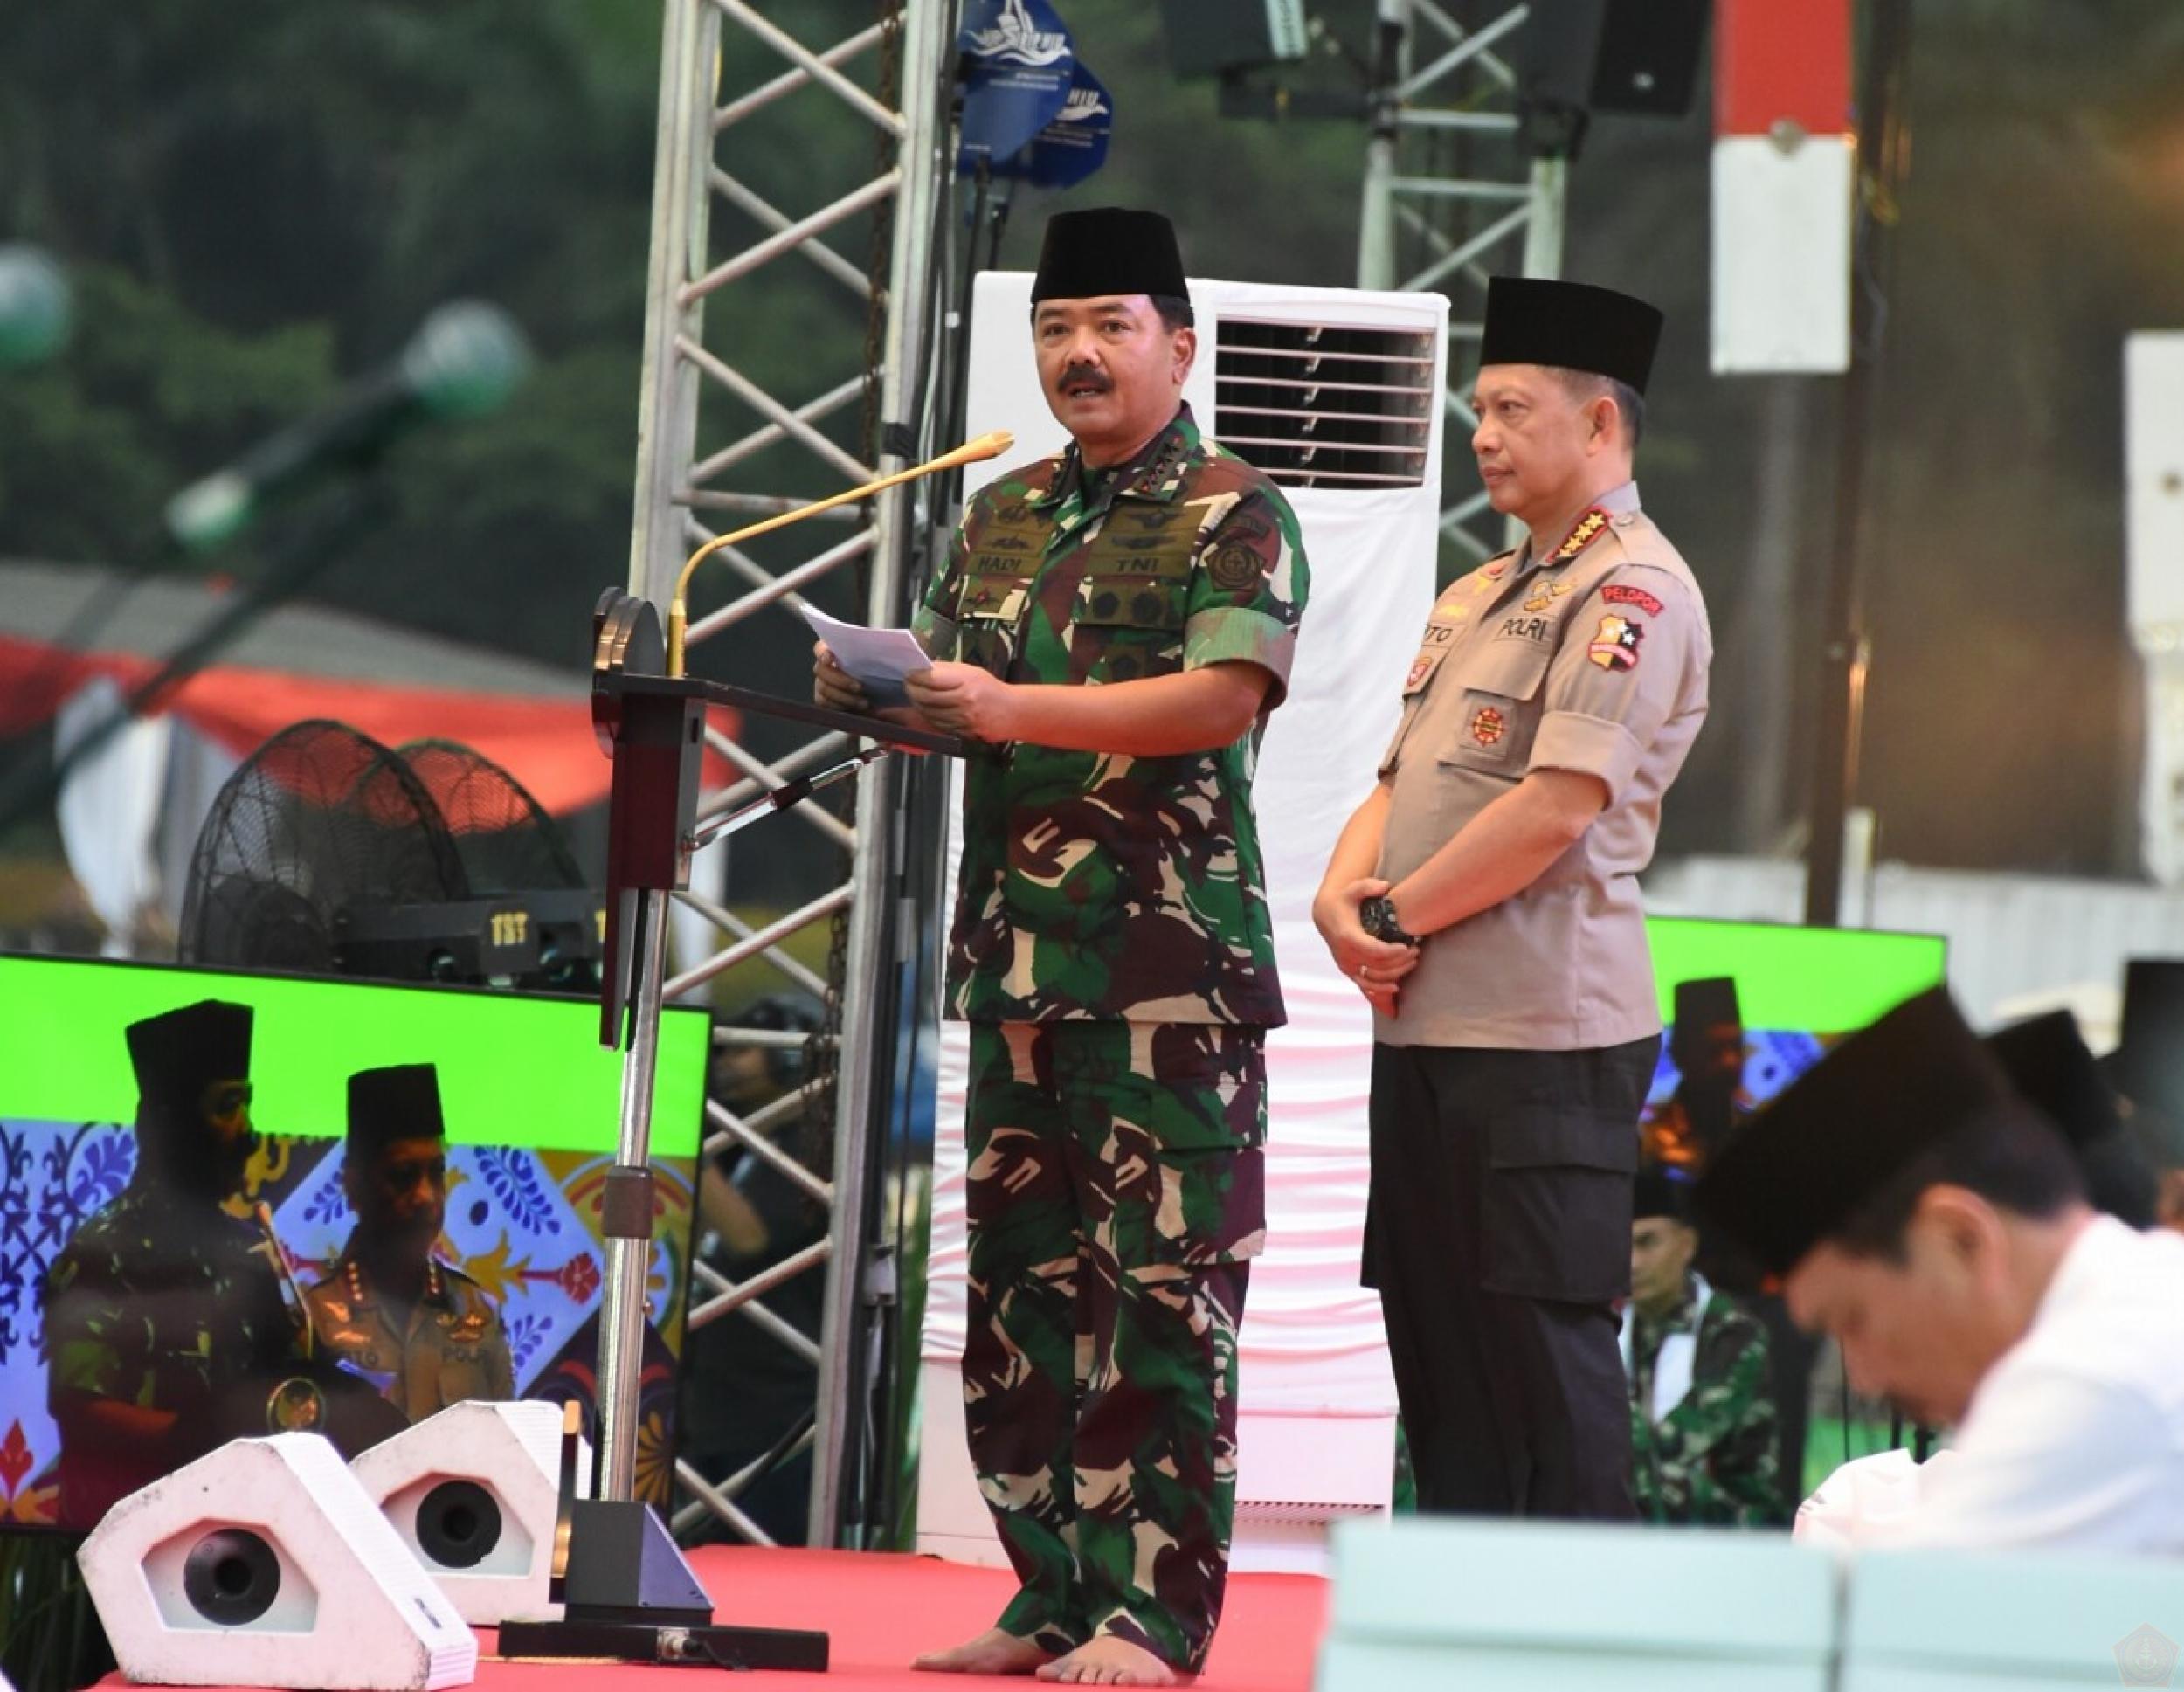 Panglima TNI, Marsekal TNI Hadi Tjahjanto, S.I.P., beserta Kapolri, Jenderal Polisi Prof. H.M. Tito Karnavian